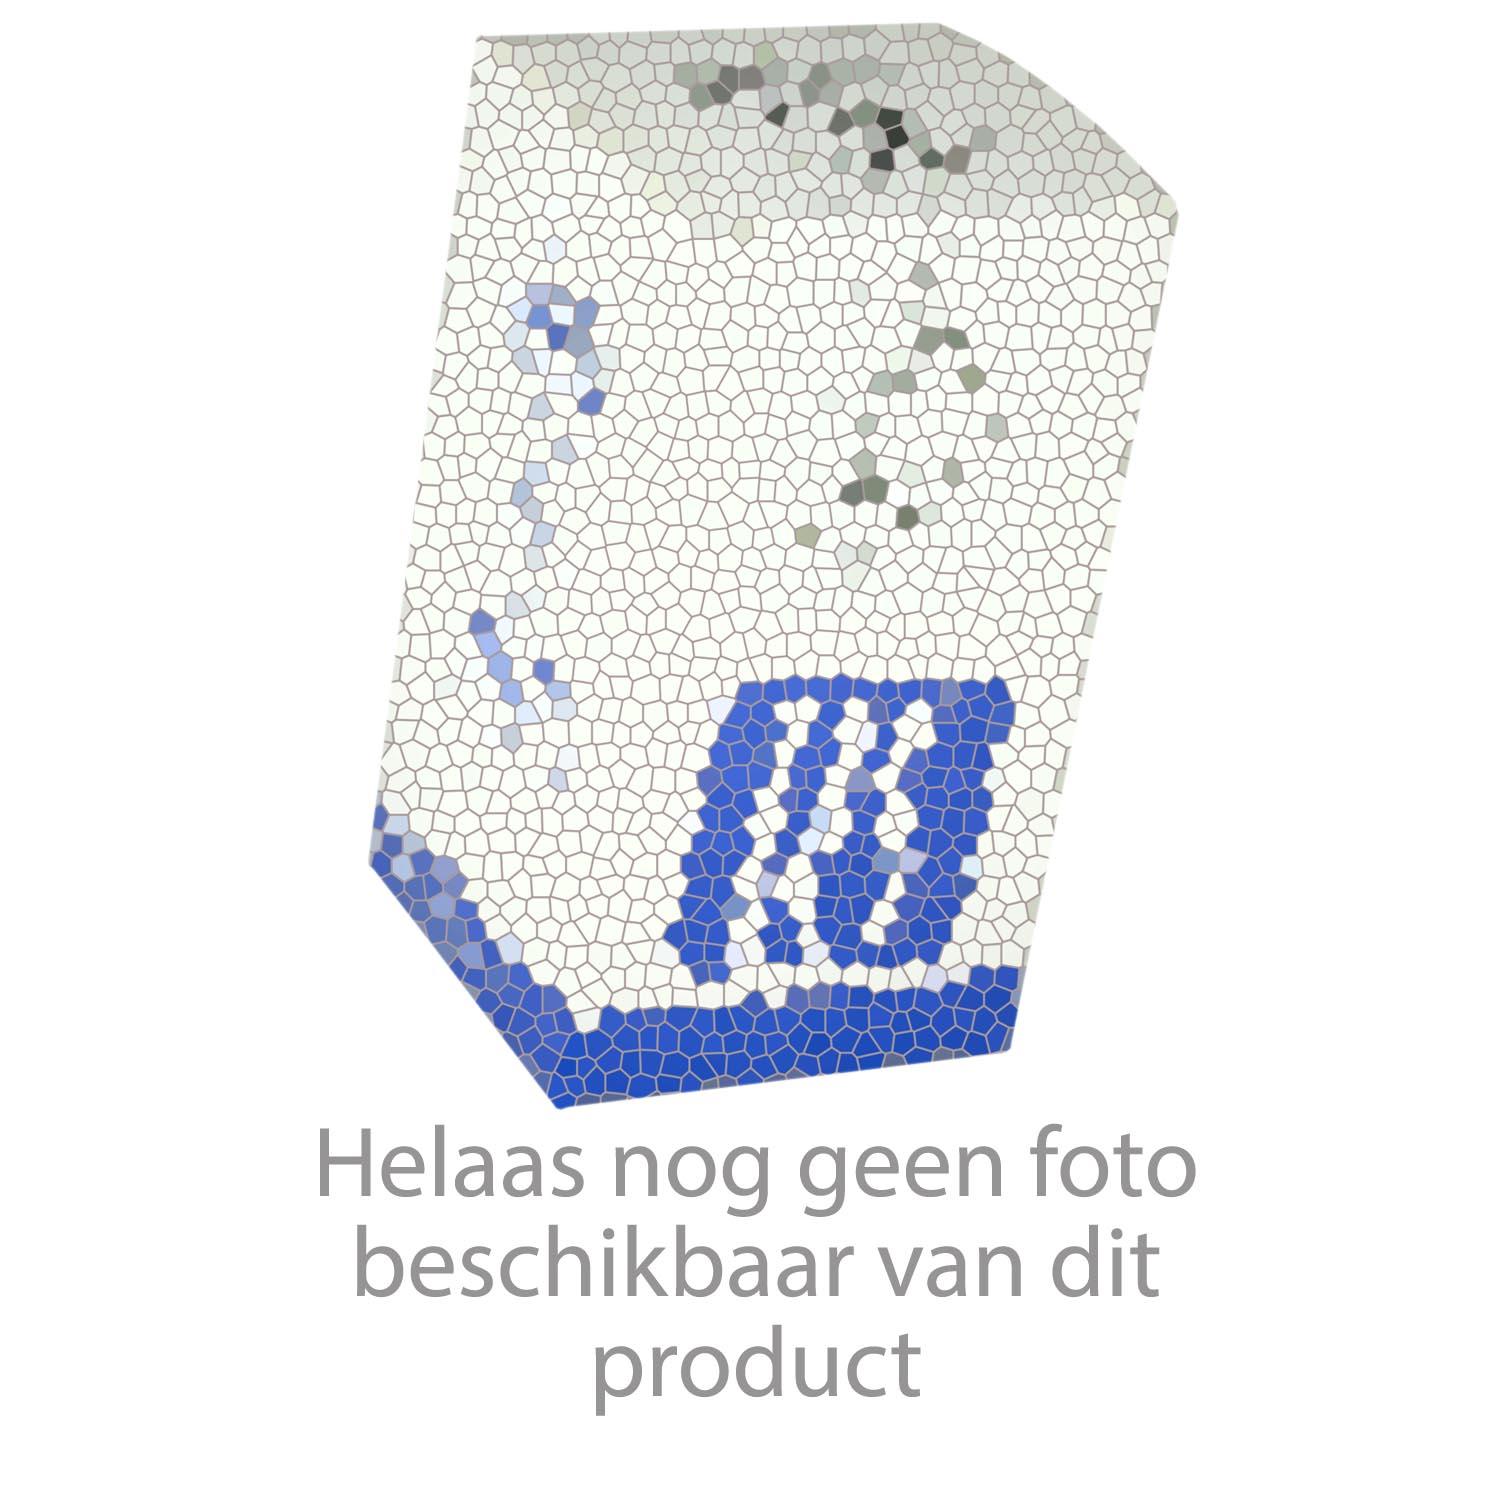 Echtermann EUROCLEAN 2-gats bladmodel tussenkraan op mengblok (h.o.h. 15cm) Artikel nummer 6636.40K (keramisch)